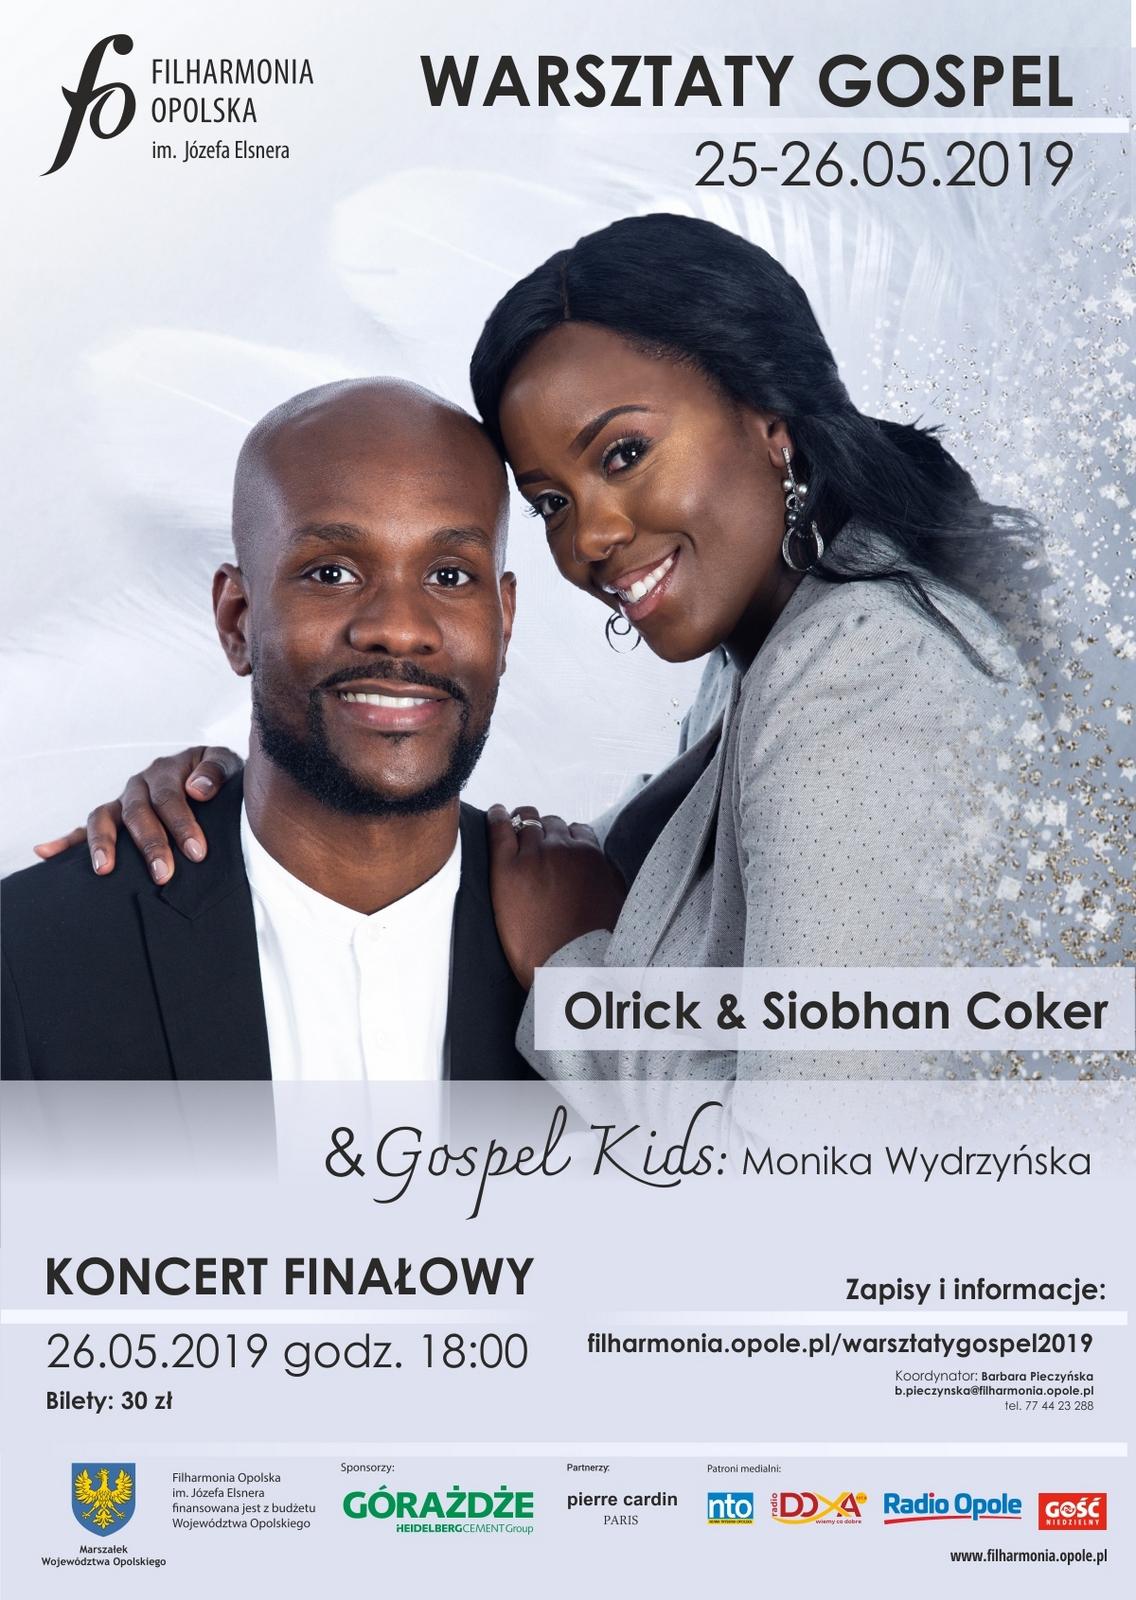 Trwają zapisy na warsztaty gospel, które poprowadzi brytyjski duet Olrick & Siobhan Coker. Szykowane są też warsztaty dla dzieci